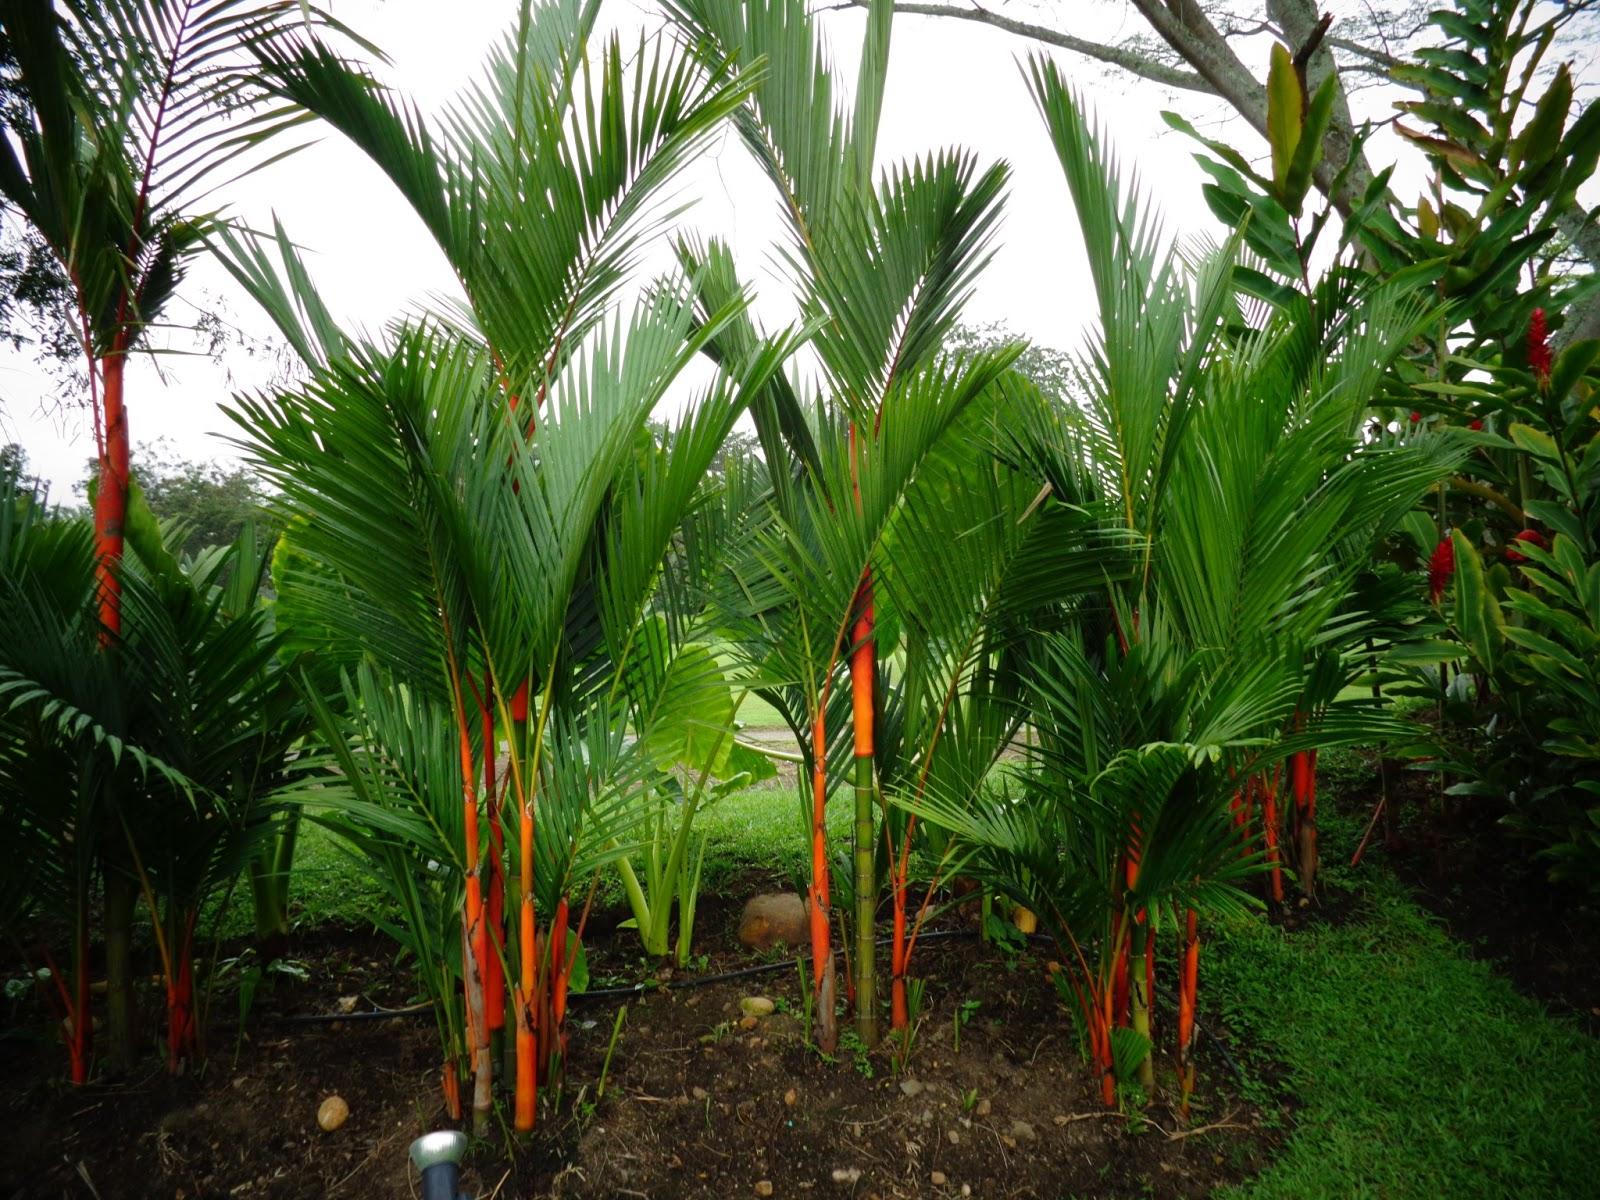 Vivero san antonio apulo cundinamarca colombia palma for Viveros forestales en colombia